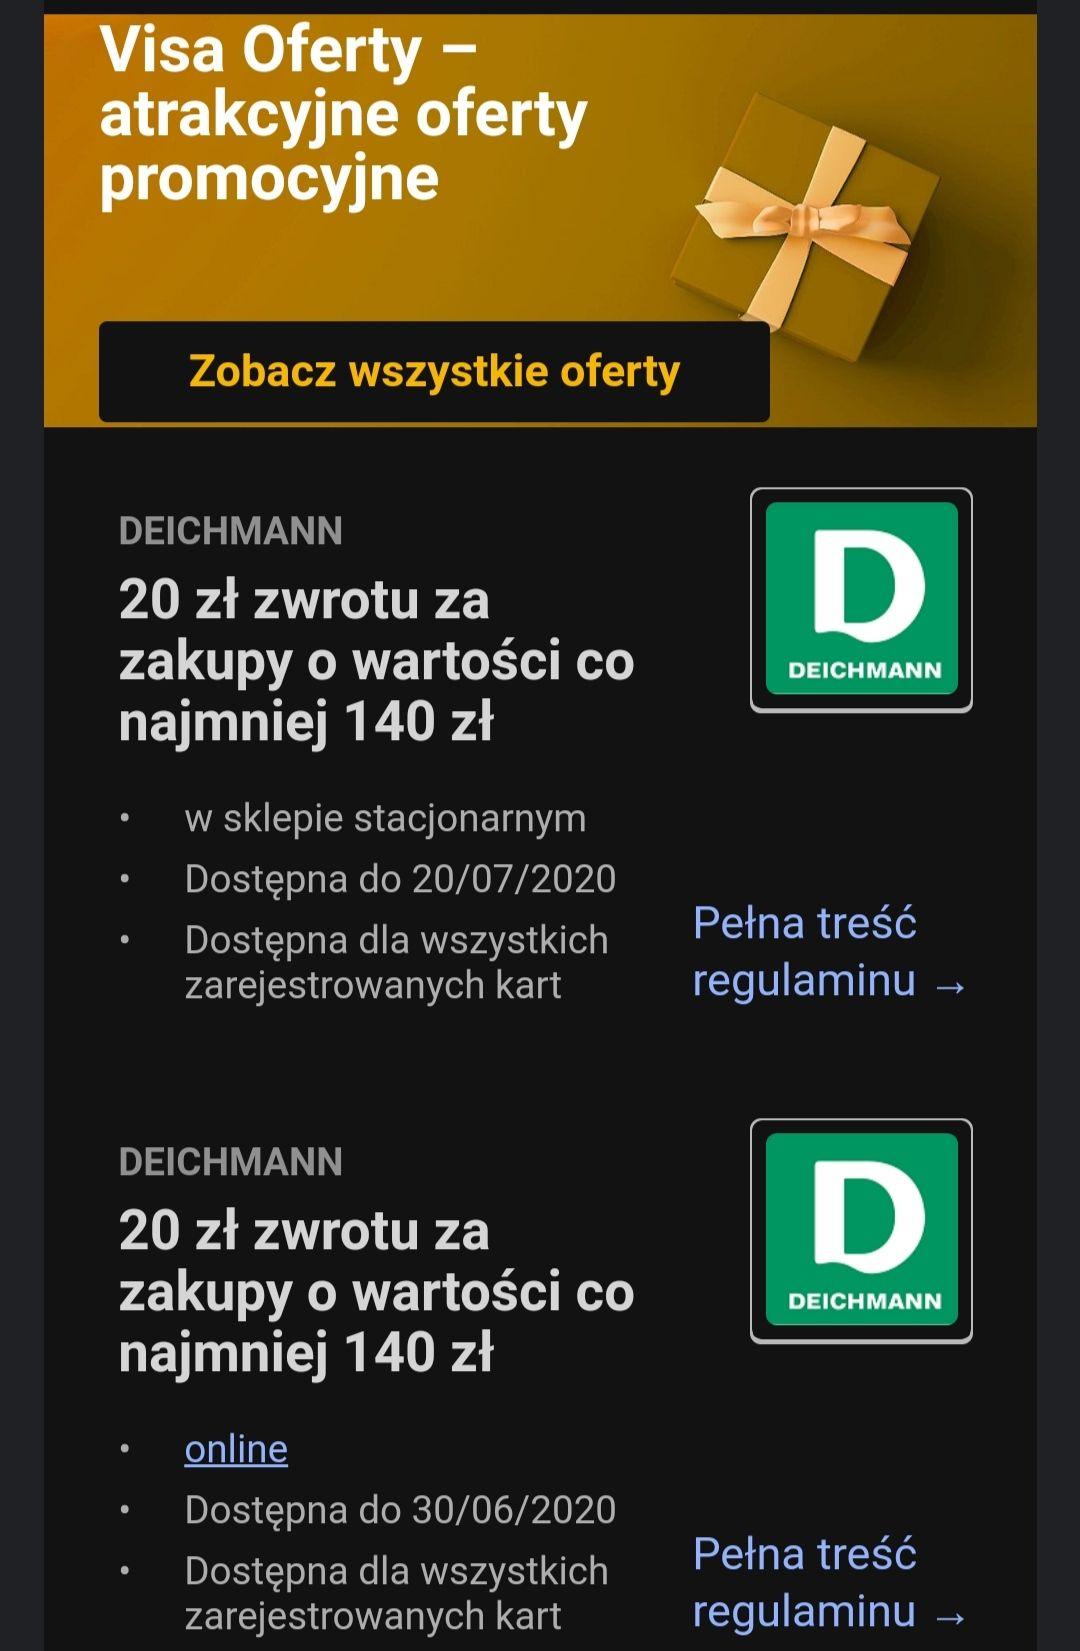 Visa oferty 20 zł zwrotu w sklepie Deichman